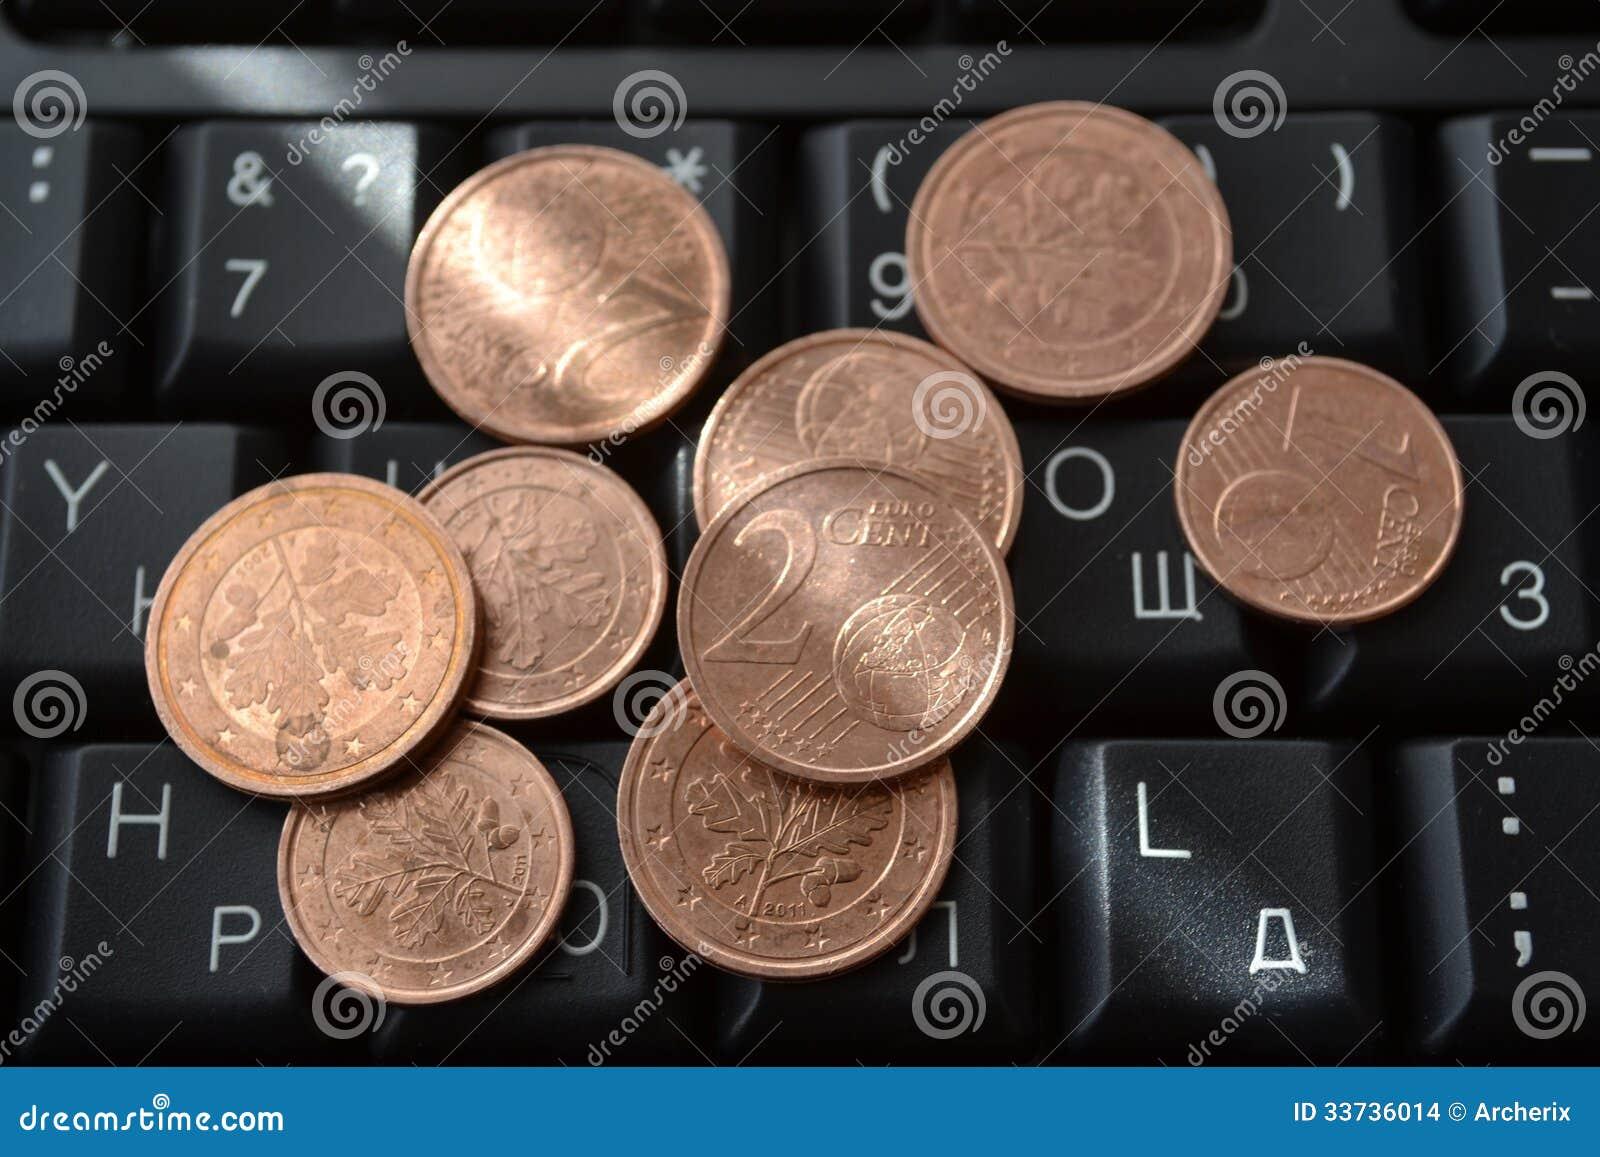 Münzen auf der Tastatur